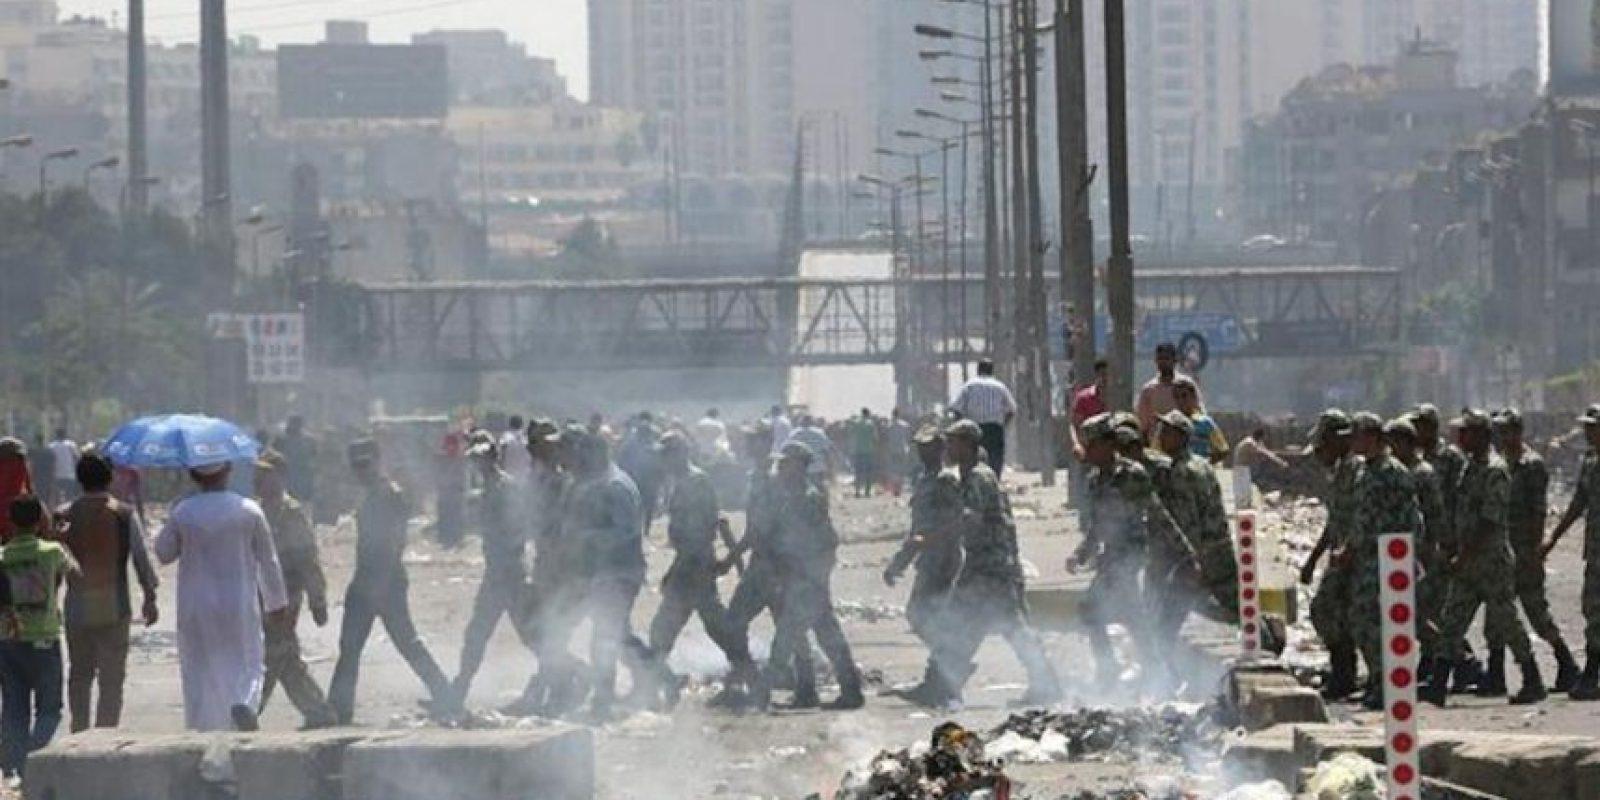 Soldados egipcios cruzan la calle durante los enfrentamientos entre las fuerzas policiales y defensores del presidente egipcio, Mohamed Mursi, hoy en El Cairo. EFE